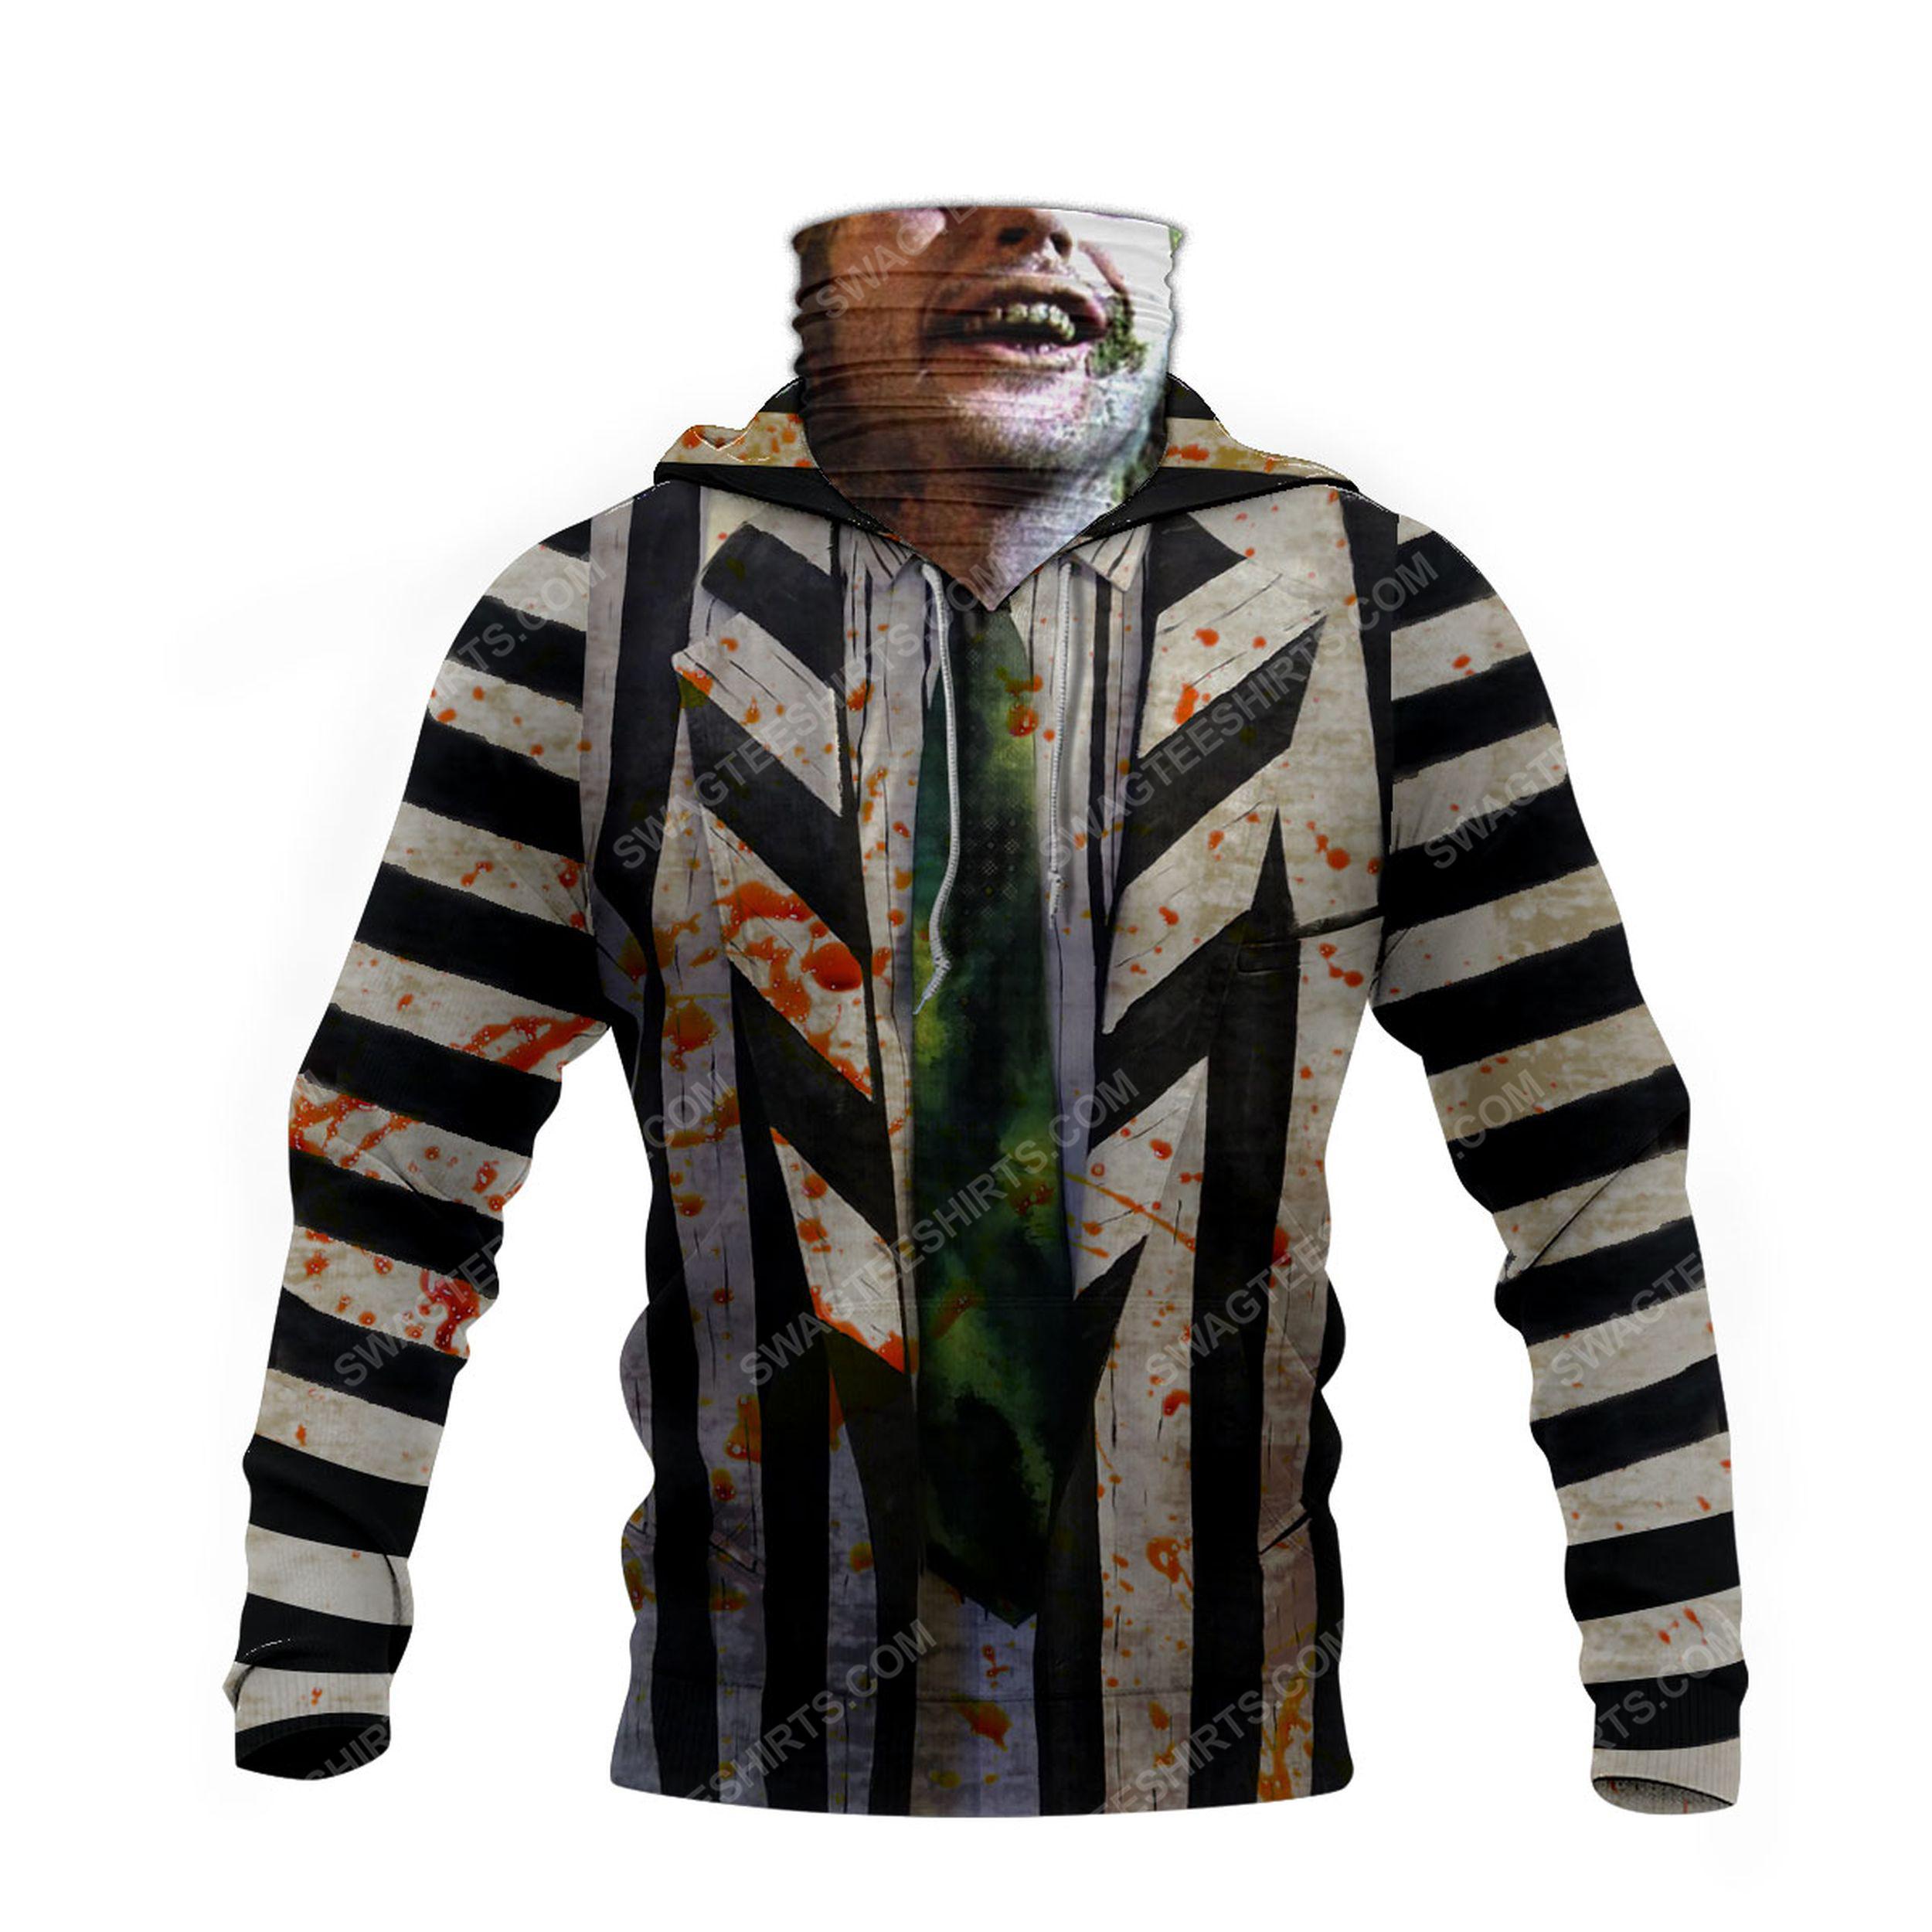 American horror comedy beetlejuice for halloween full print mask hoodie 4(1)